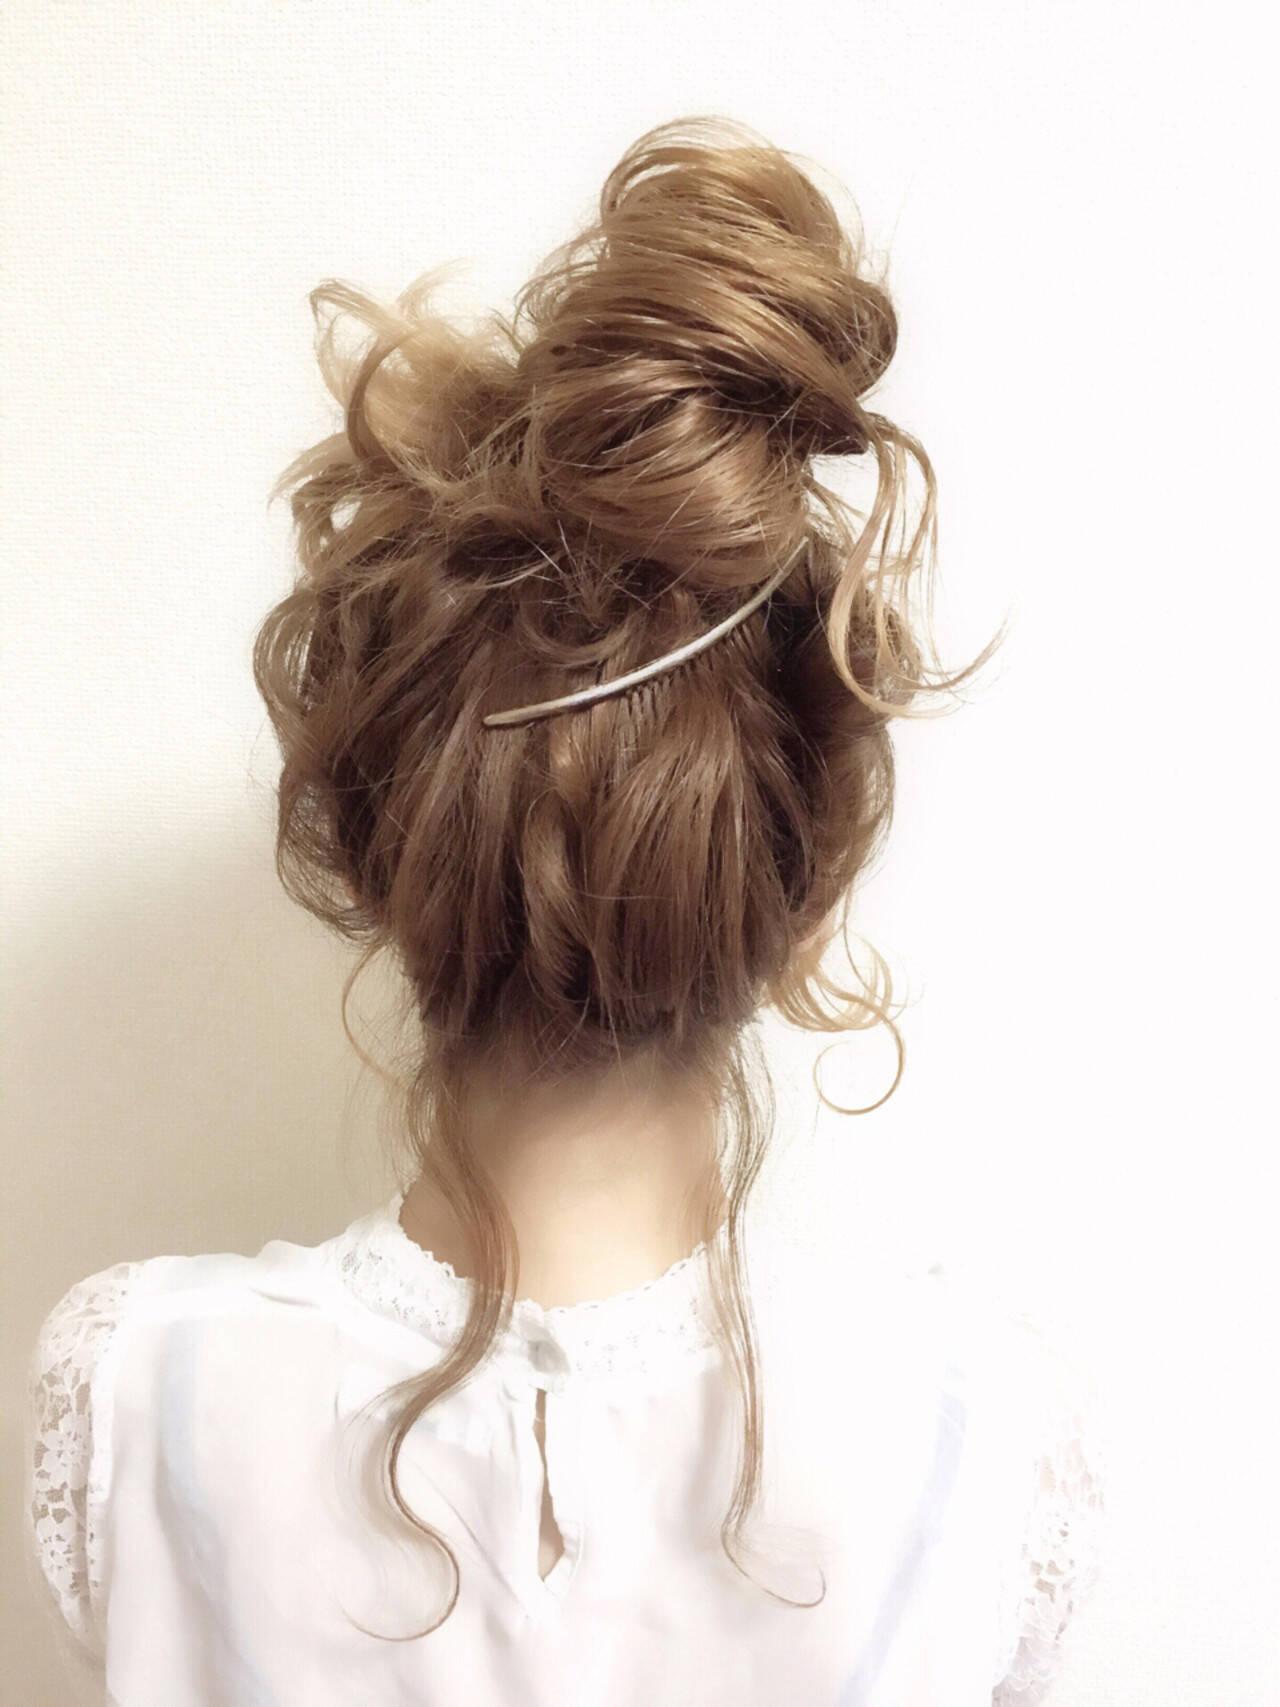 お団子 外国人風 フェミニン パーティヘアスタイルや髪型の写真・画像